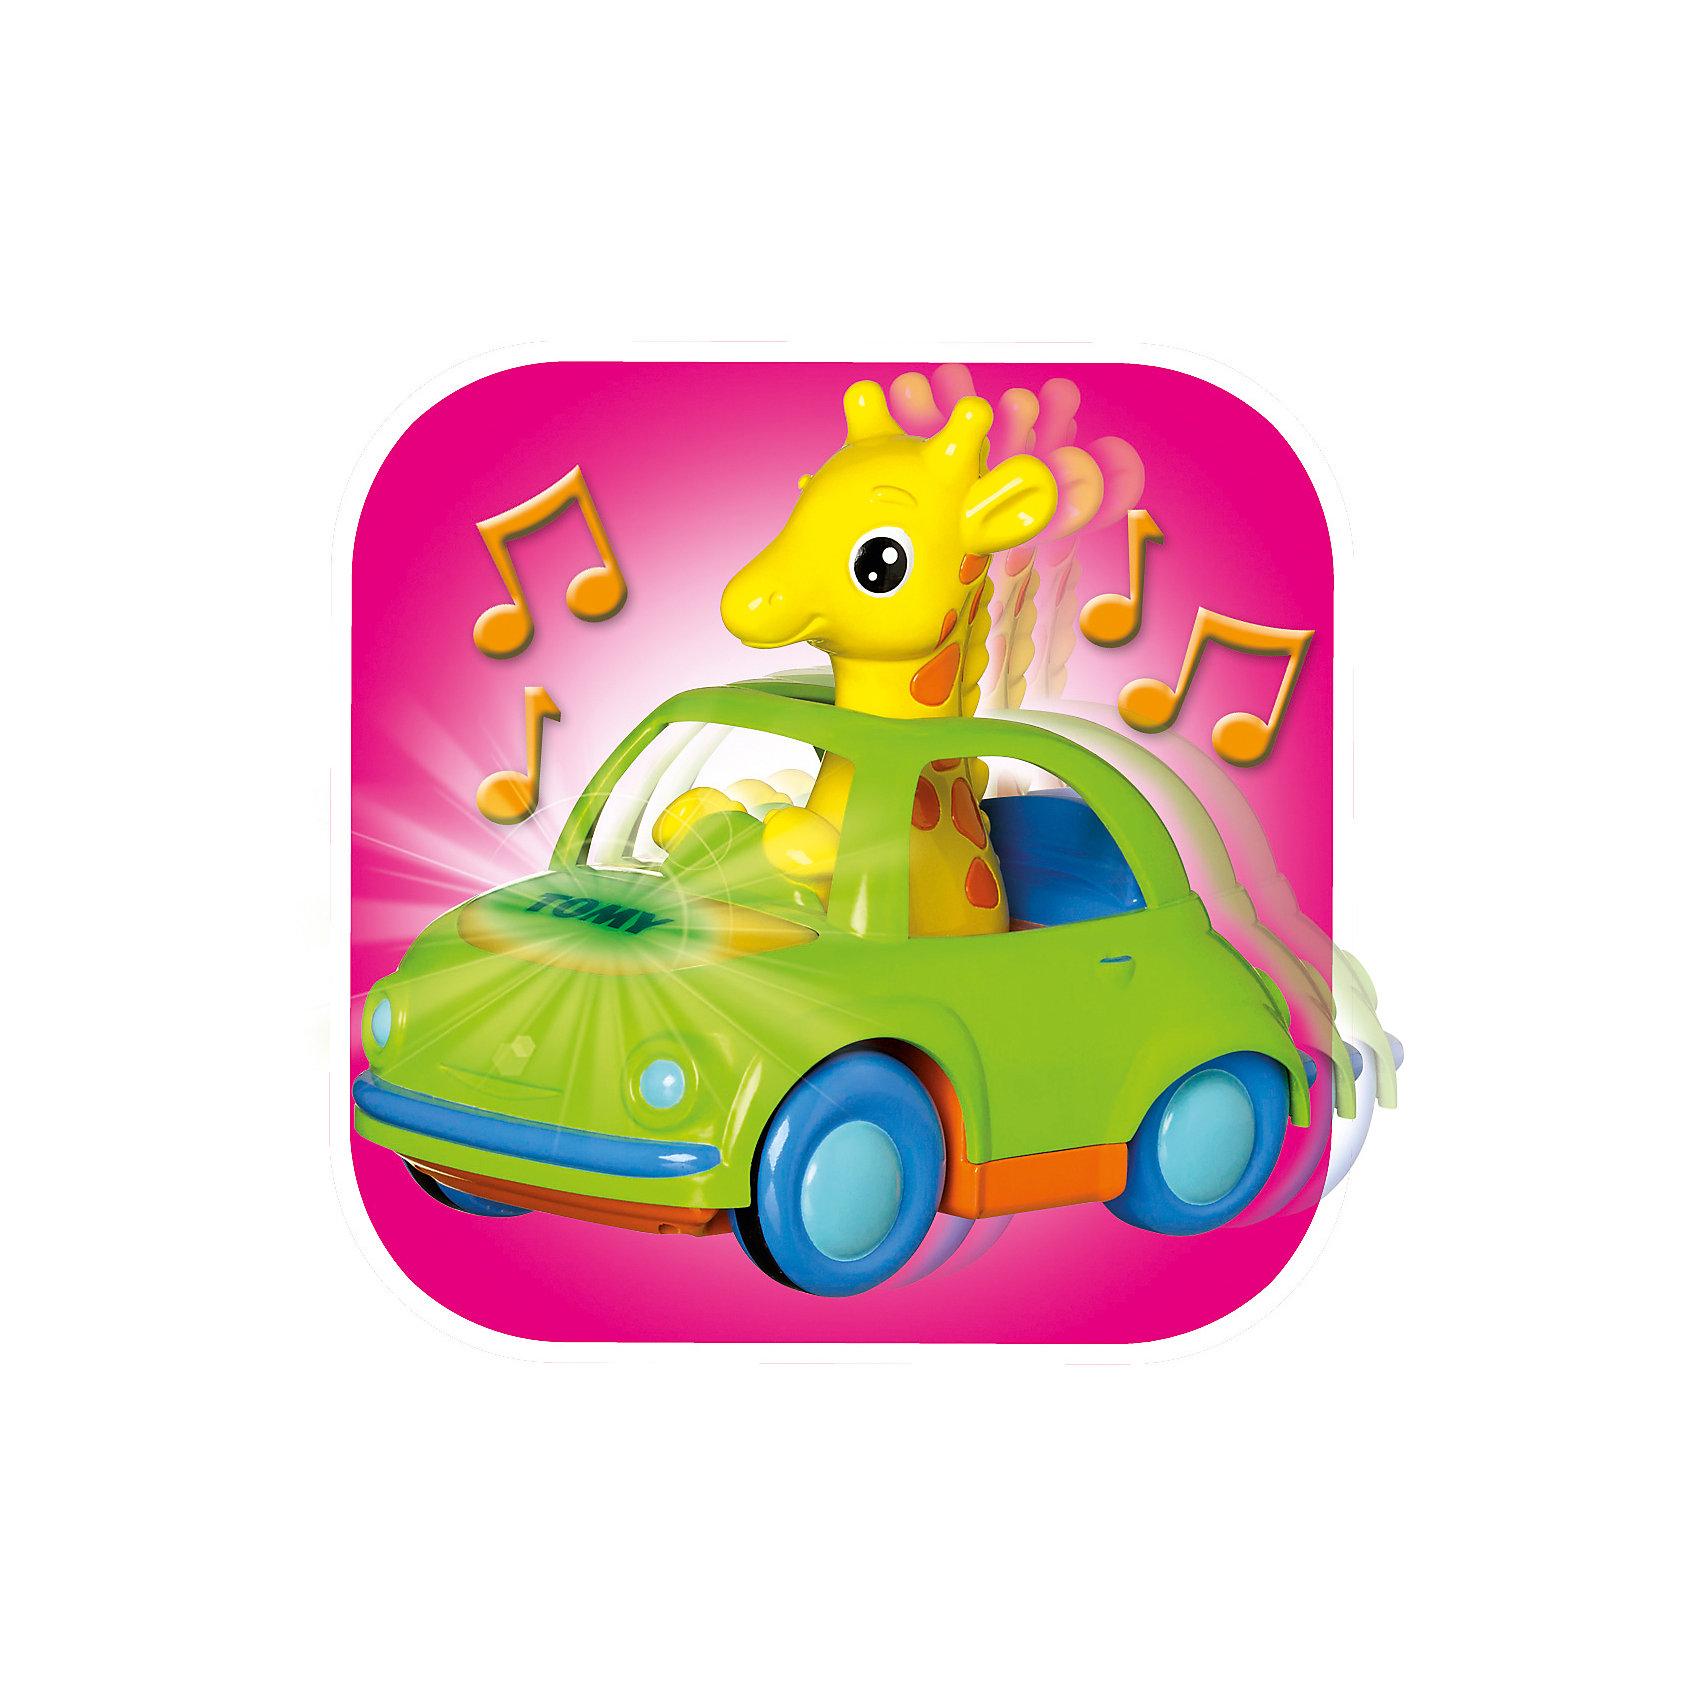 Игрушка Веселый Жираф-Водитель, TOMYМашинки и транспорт для малышей<br>Яркая оригинальная игрушка обязательно понравится вашему малышу. Игрушка представляет собой машинку за рулем которой сидит милый жираф. Как только вы слегка нажмете на него, послышится звук заводящегося мотора, капот будет гореть сначала красным, а потом зеленым цветом и машина помчится вперед. Малыши обожают игрушки со световыми и звуковыми эффектами, этот жираф подарит много радости и улыбок вашему крохе. Игрушка выполнена из высококачественных материалов, не имеет острых углов, безопасна для ребенка.<br>Этот жираф подарит много радости и улыбок вашему крохе.  <br><br>Дополнительная информация:<br><br>- Материал: пластик.<br>- Высота: 9х15х13 см.<br>- Цвет: желтый, зеленый, оранжевый.<br>- Звуковые  и световые эффекты<br>- Элемент питания: 3 батарейки ААА ( в комплекте).<br><br>Игрушку Веселый Жираф-Водитель, TOMY (Томи) можно купить в нашем магазине.<br><br>Ширина мм: 226<br>Глубина мм: 167<br>Высота мм: 132<br>Вес г: 453<br>Возраст от месяцев: 9<br>Возраст до месяцев: 36<br>Пол: Унисекс<br>Возраст: Детский<br>SKU: 3922279